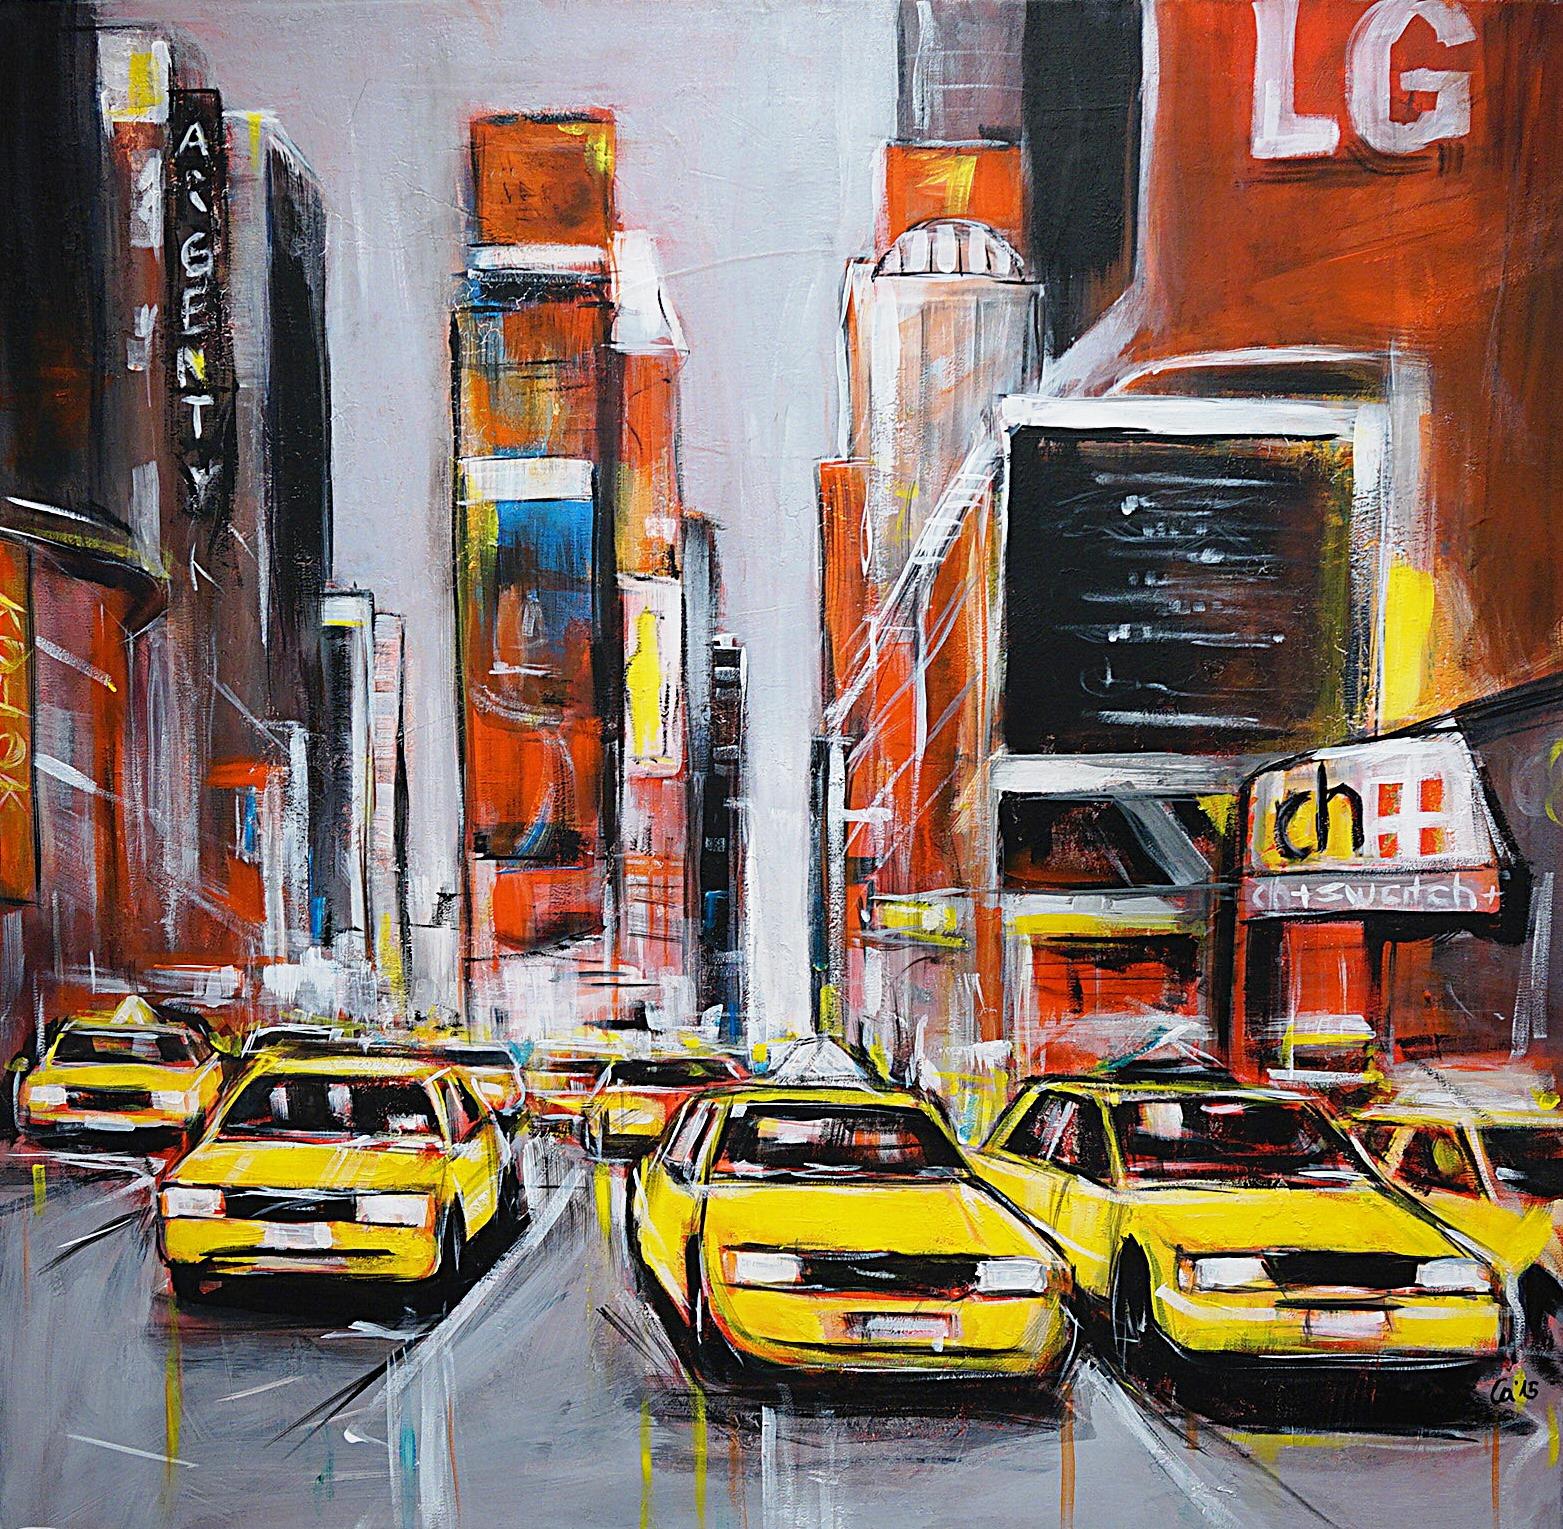 yellow cabs, NY